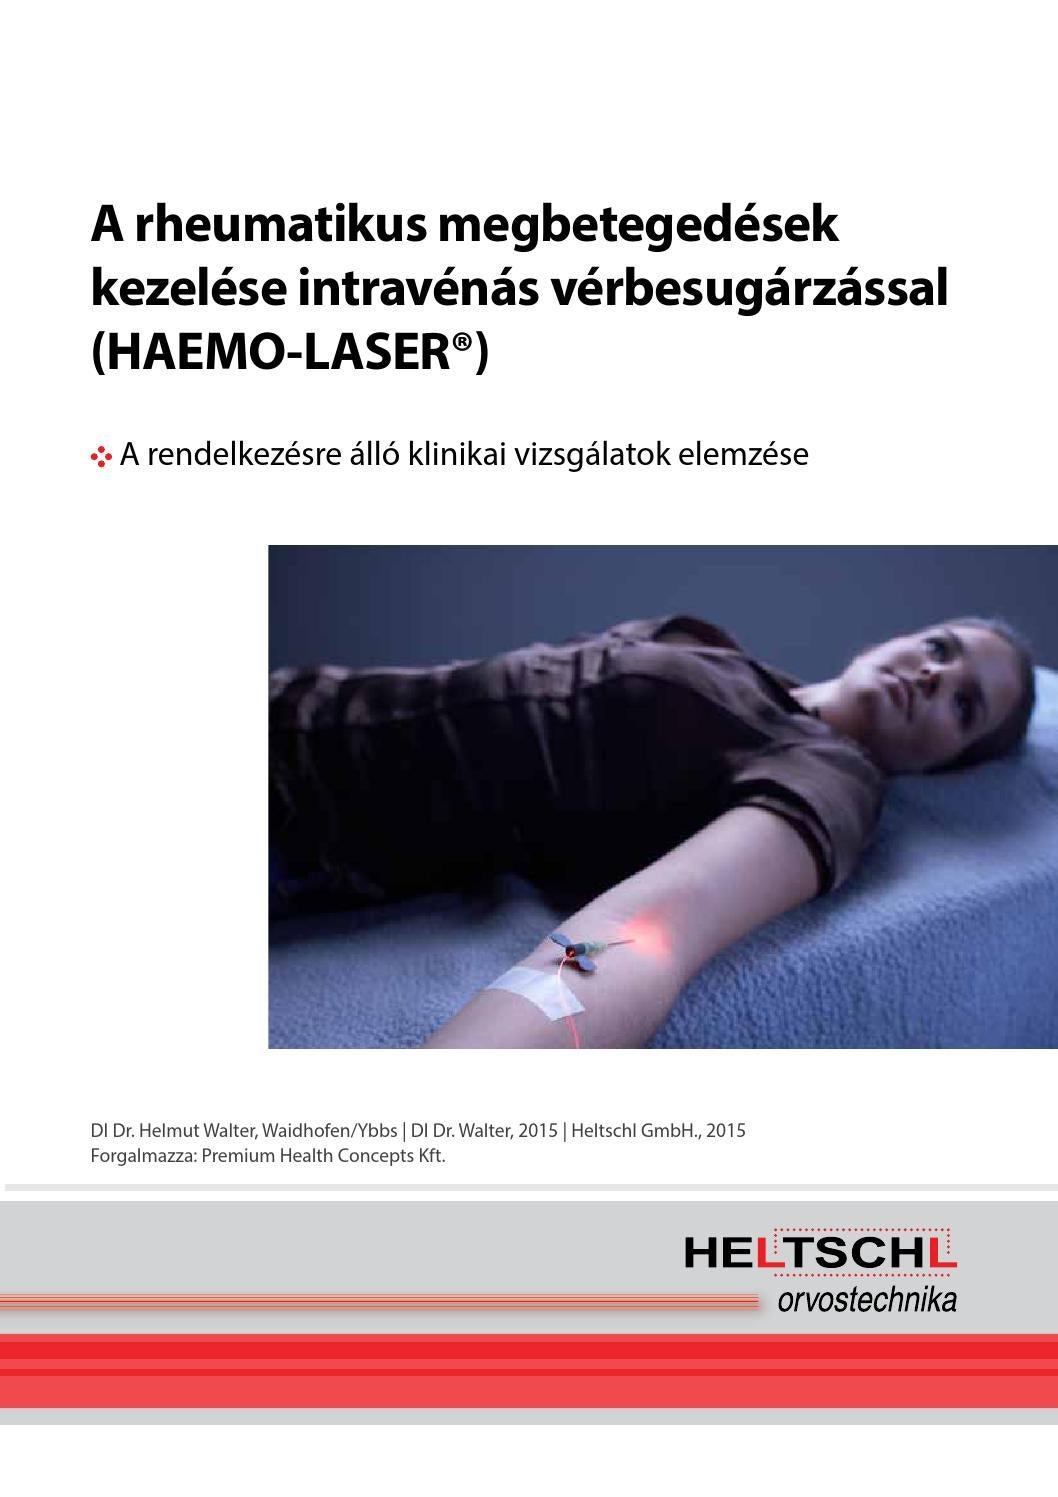 arthrosis osteochondrosis hogyan kell kezelni)